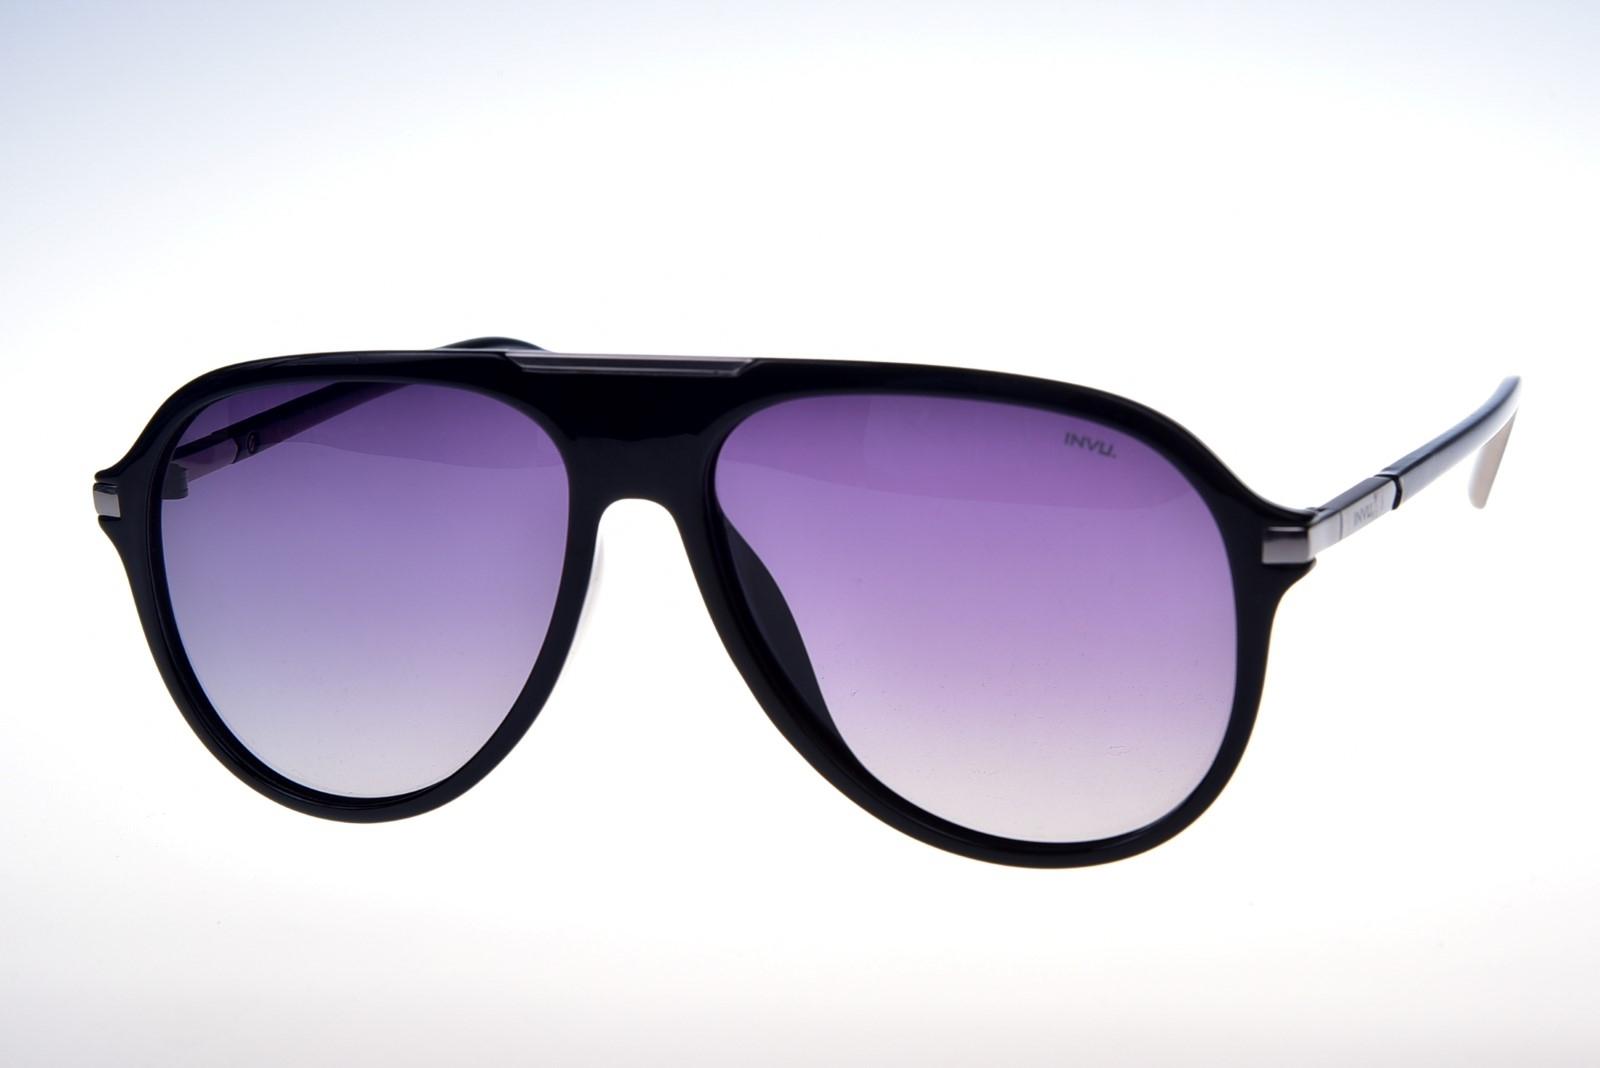 INVU. Trend T2005A - Unisex slnečné okuliare